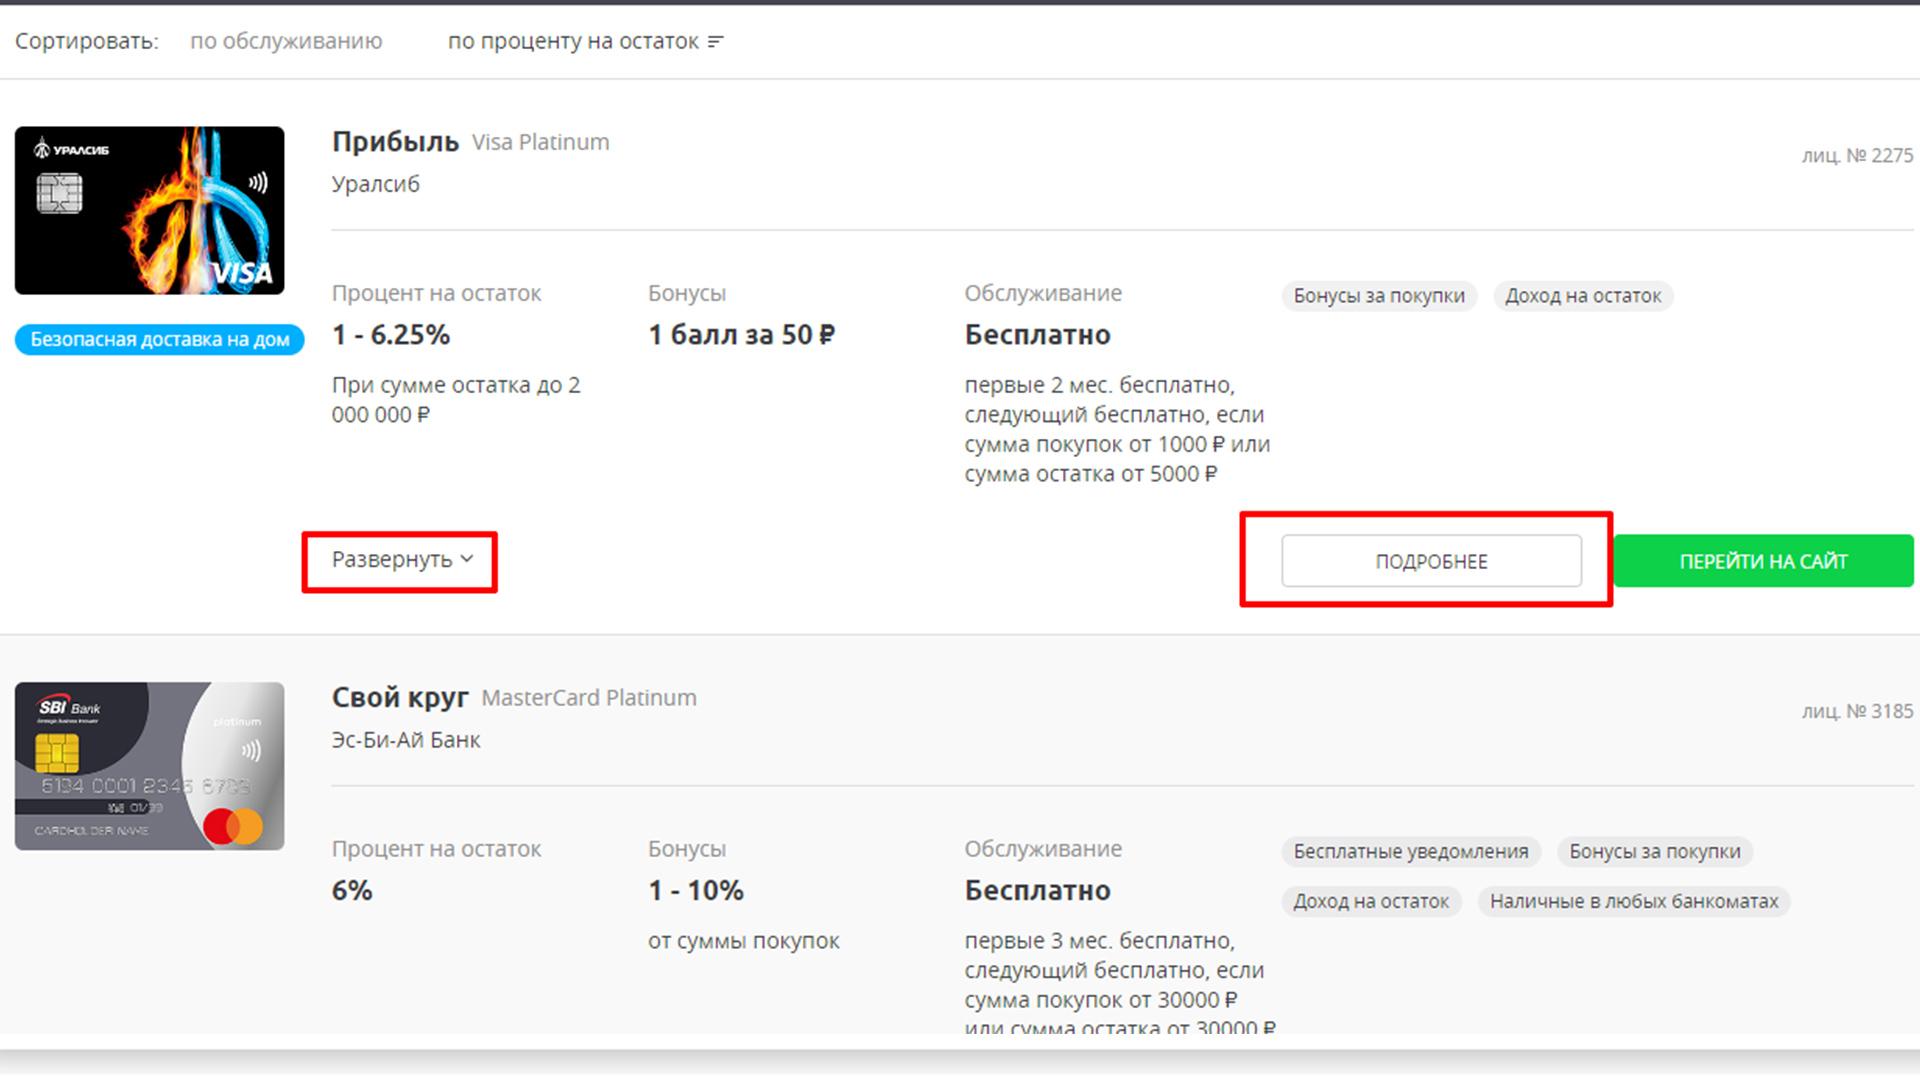 Скриншот сортировки по проценту на остаток в сервисе Сравни.ру